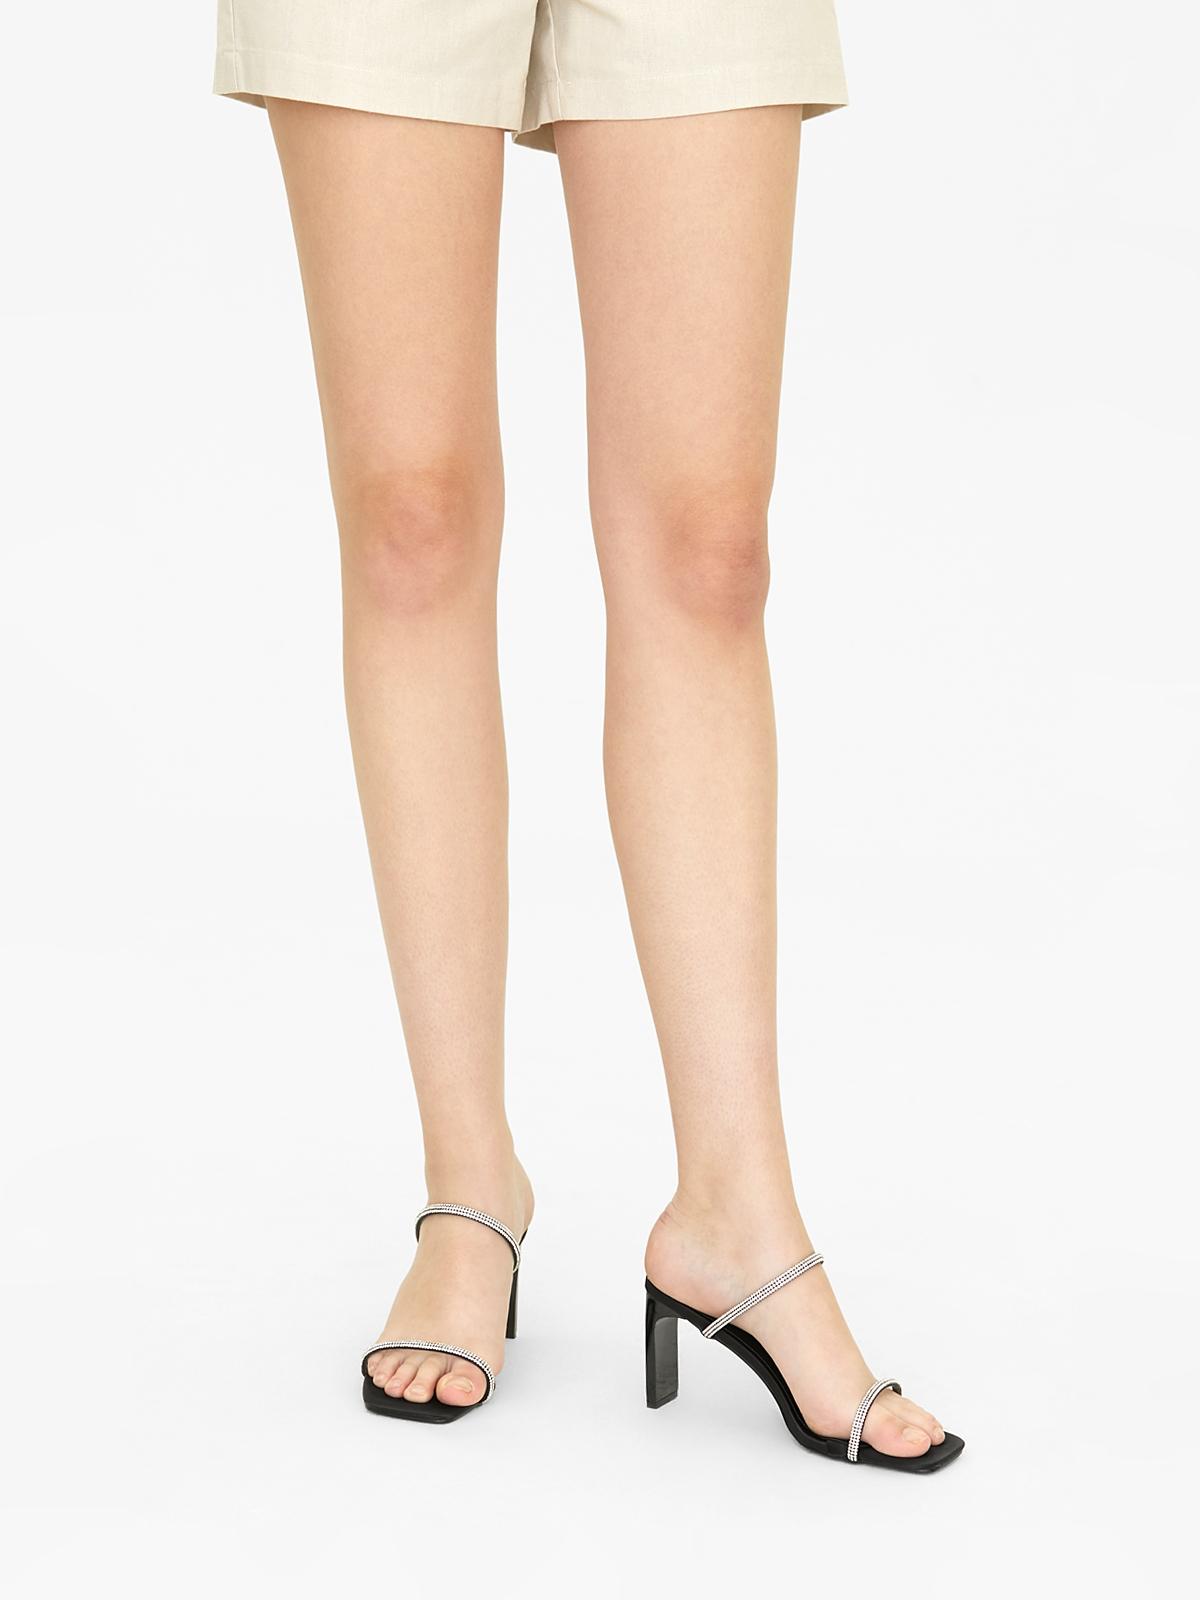 MINX Diamante Double Strap Heels Black